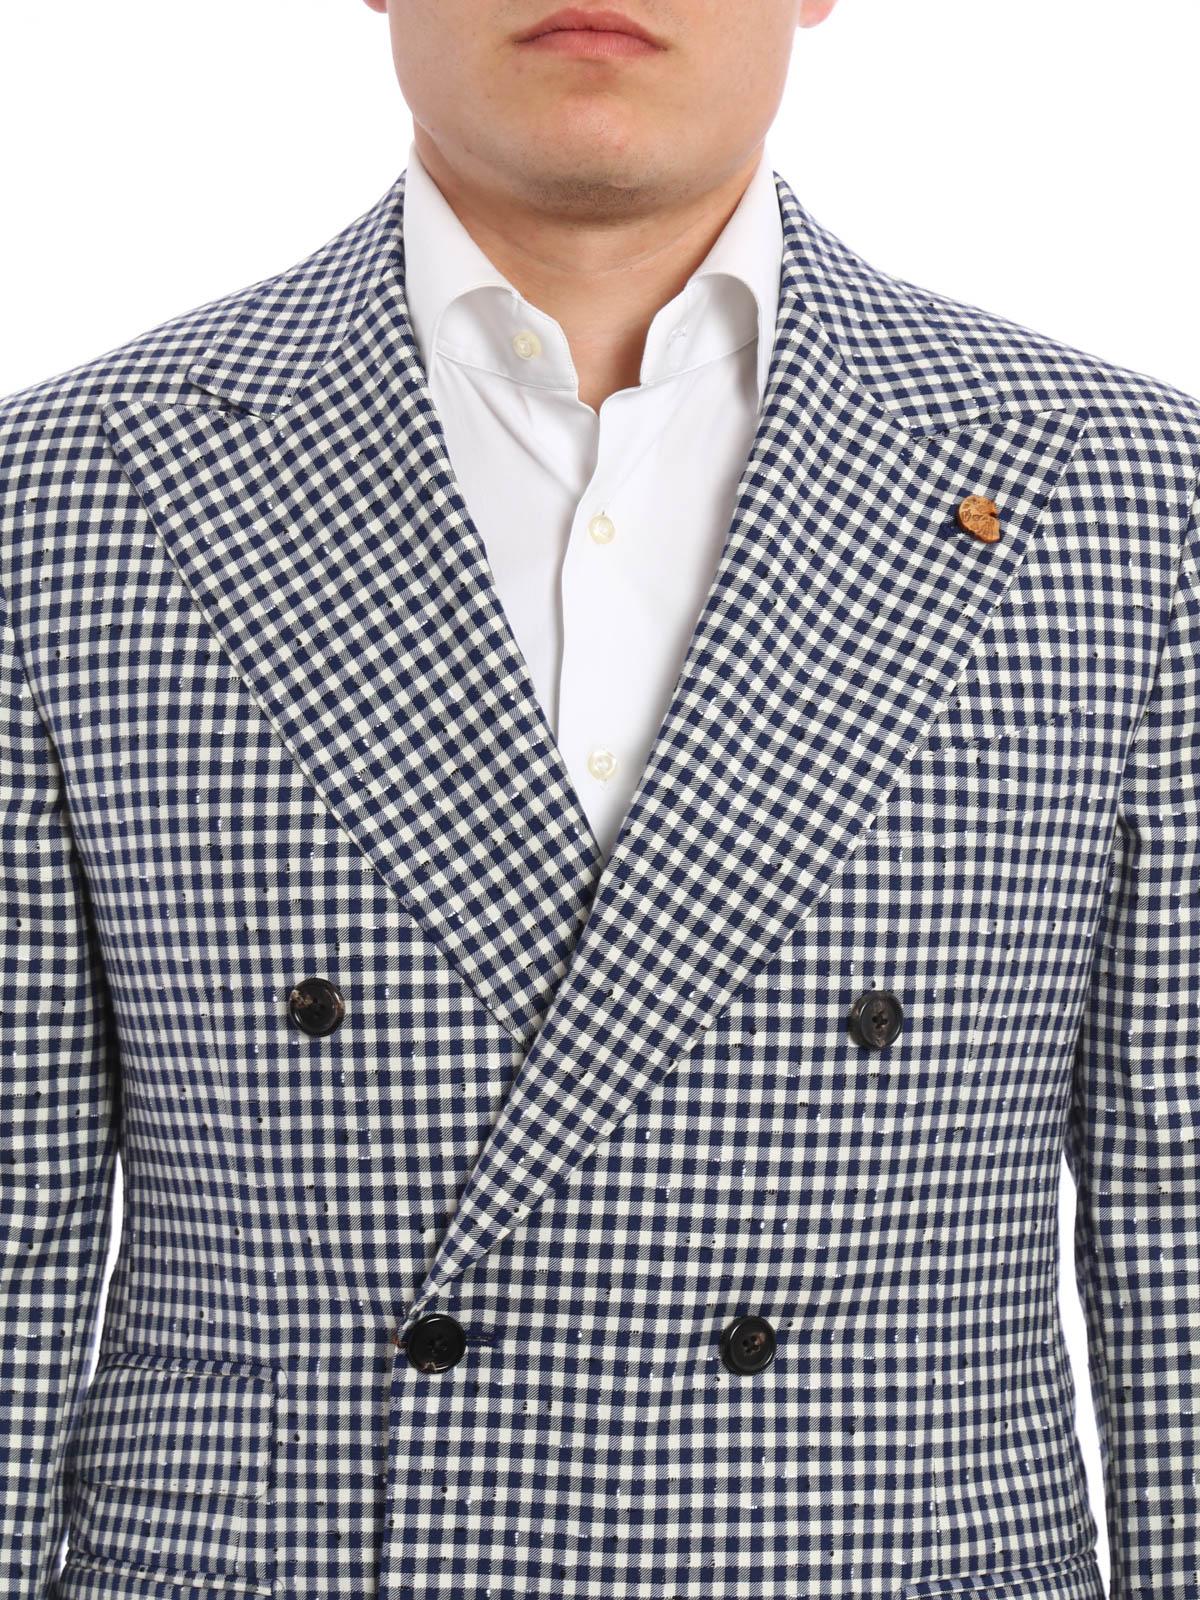 0ccf18376ddcf Uomo · Abbigliamento · Accessori · Borse · Scarpe · Acquista ora · GABRIELE  PASINI buy online Giacca in frescolana vichy